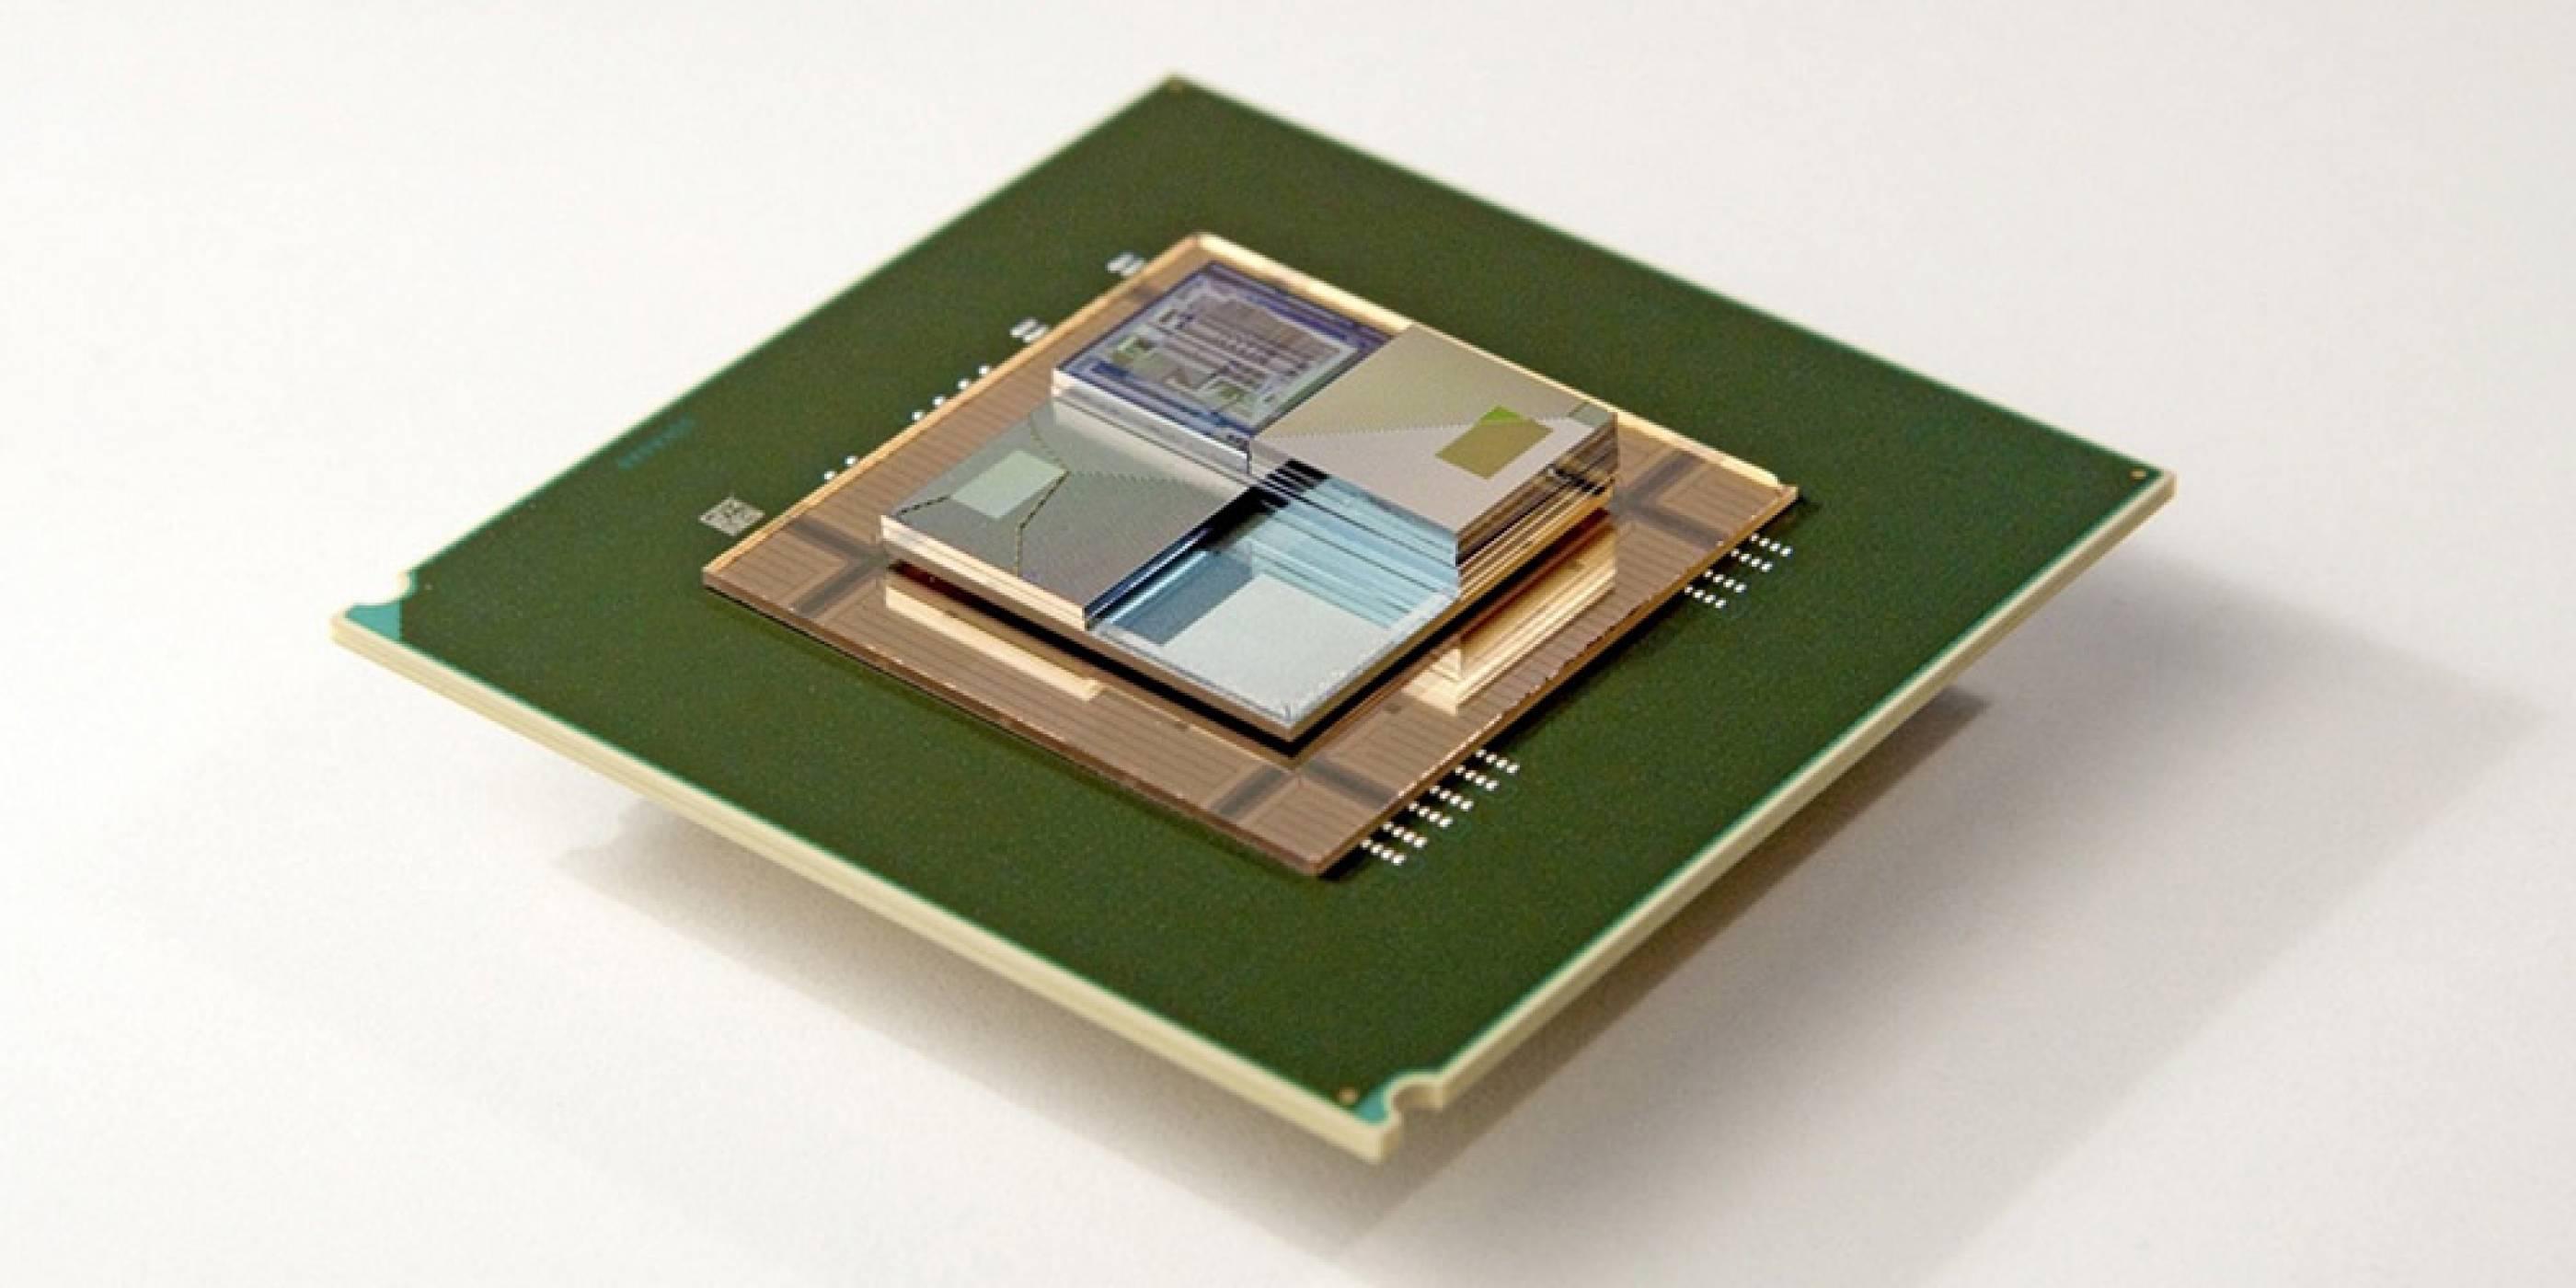 IBM и ETH Zurich създадоха миниатюрна батерия, която едновременно зарежда и охлажда чипове